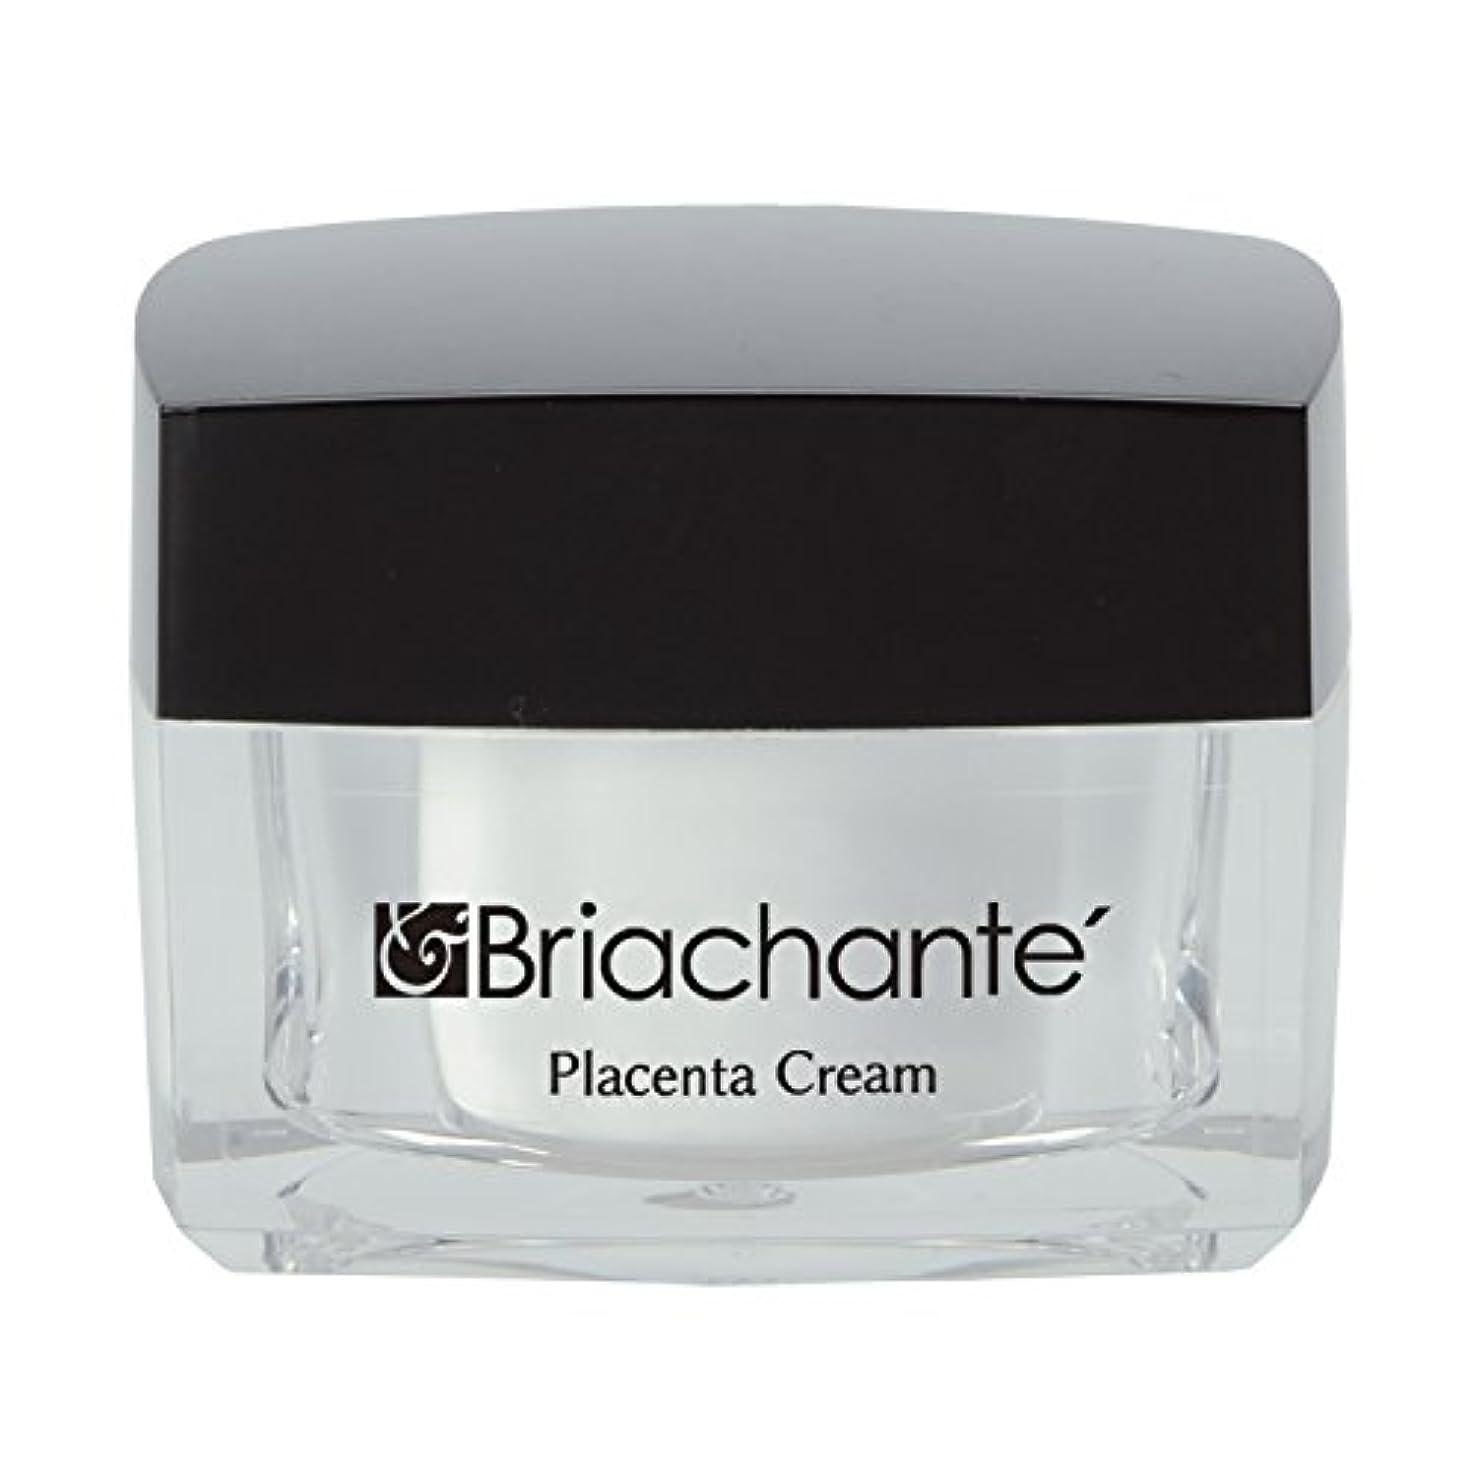 偶然の不良品ずっとブリアシャンテ プラセンタクリーム 30g